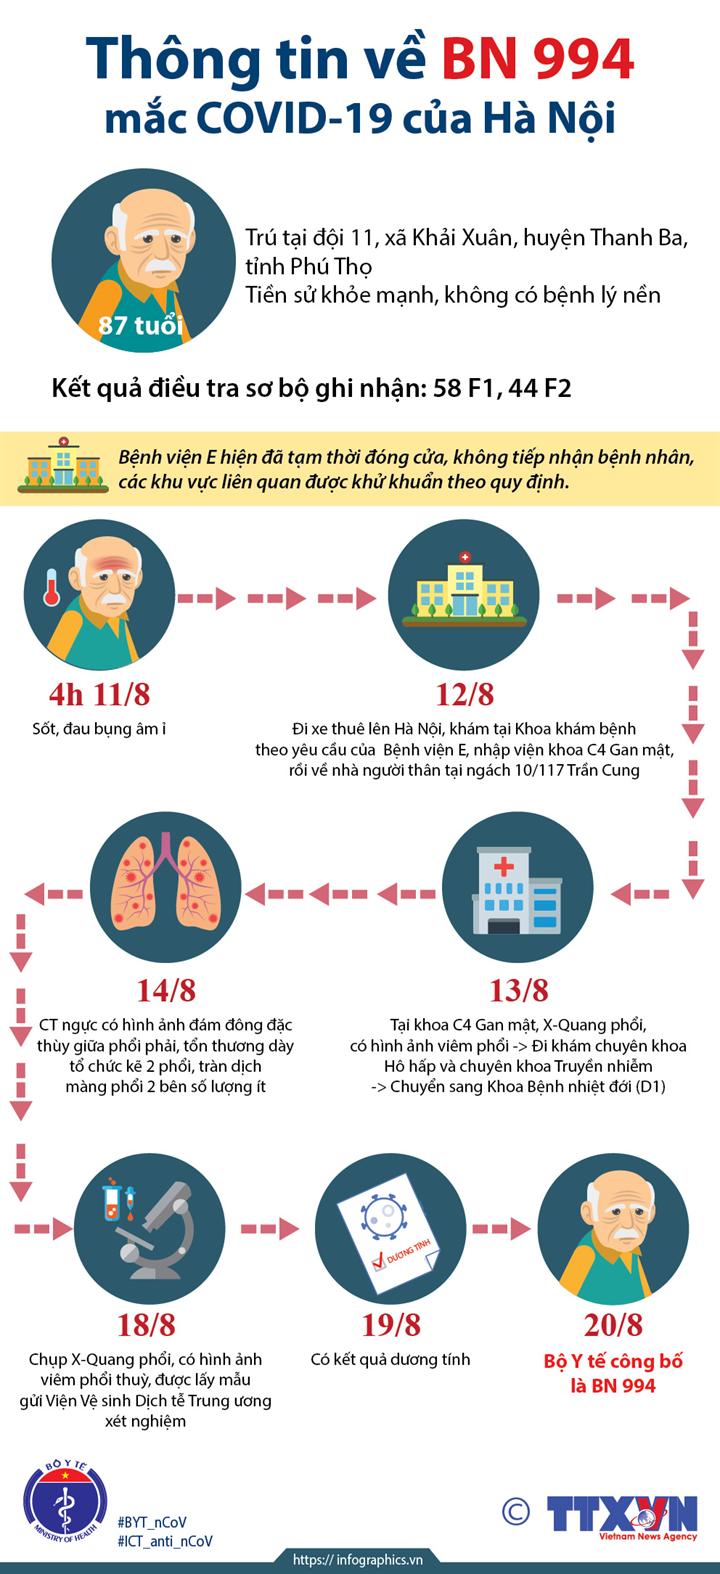 Thông tin về BN994 mắc COVID-19 của Hà Nội